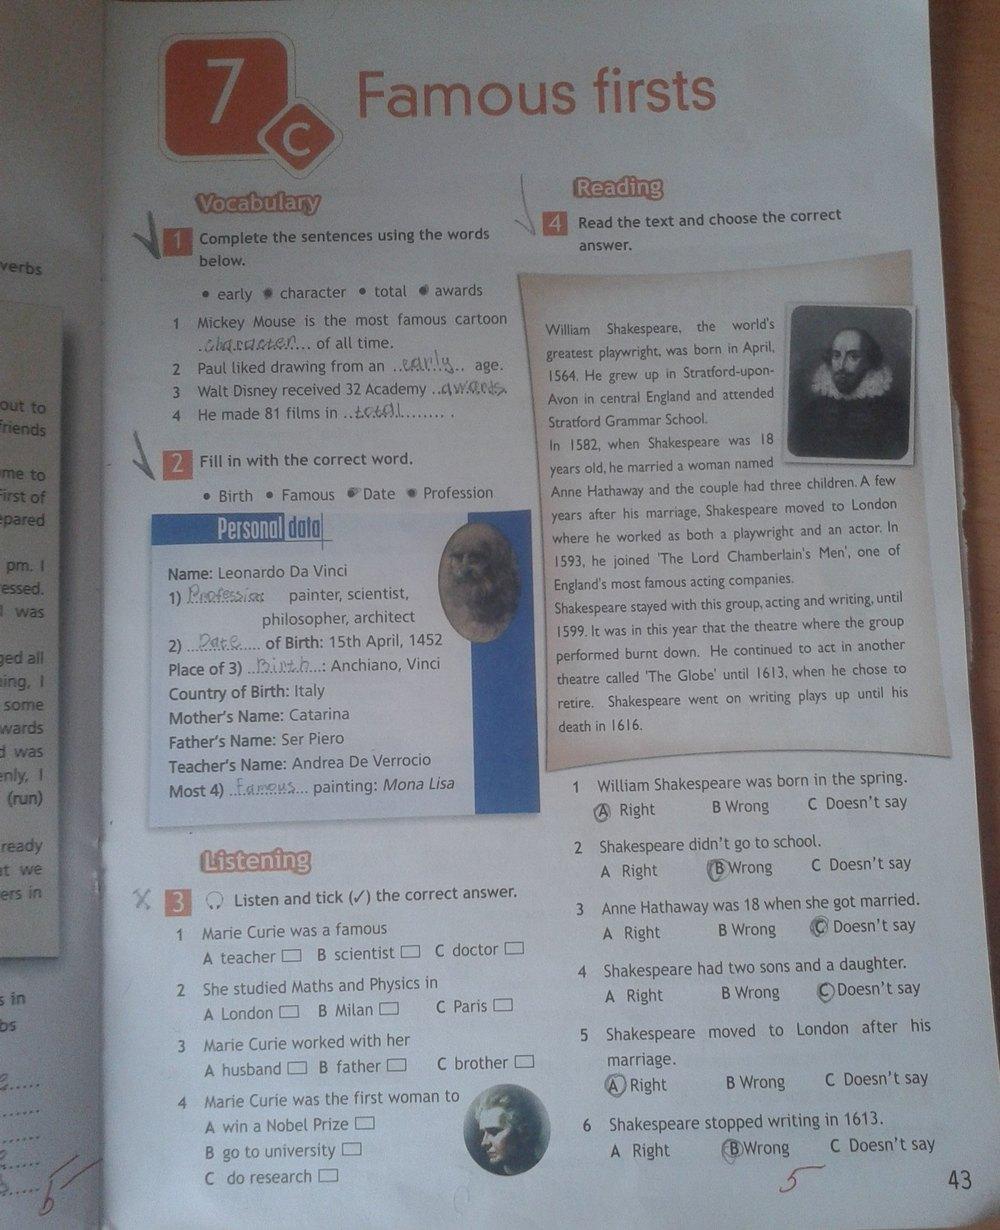 по рабочая класс virginia 6 тетрадь решебник английскому